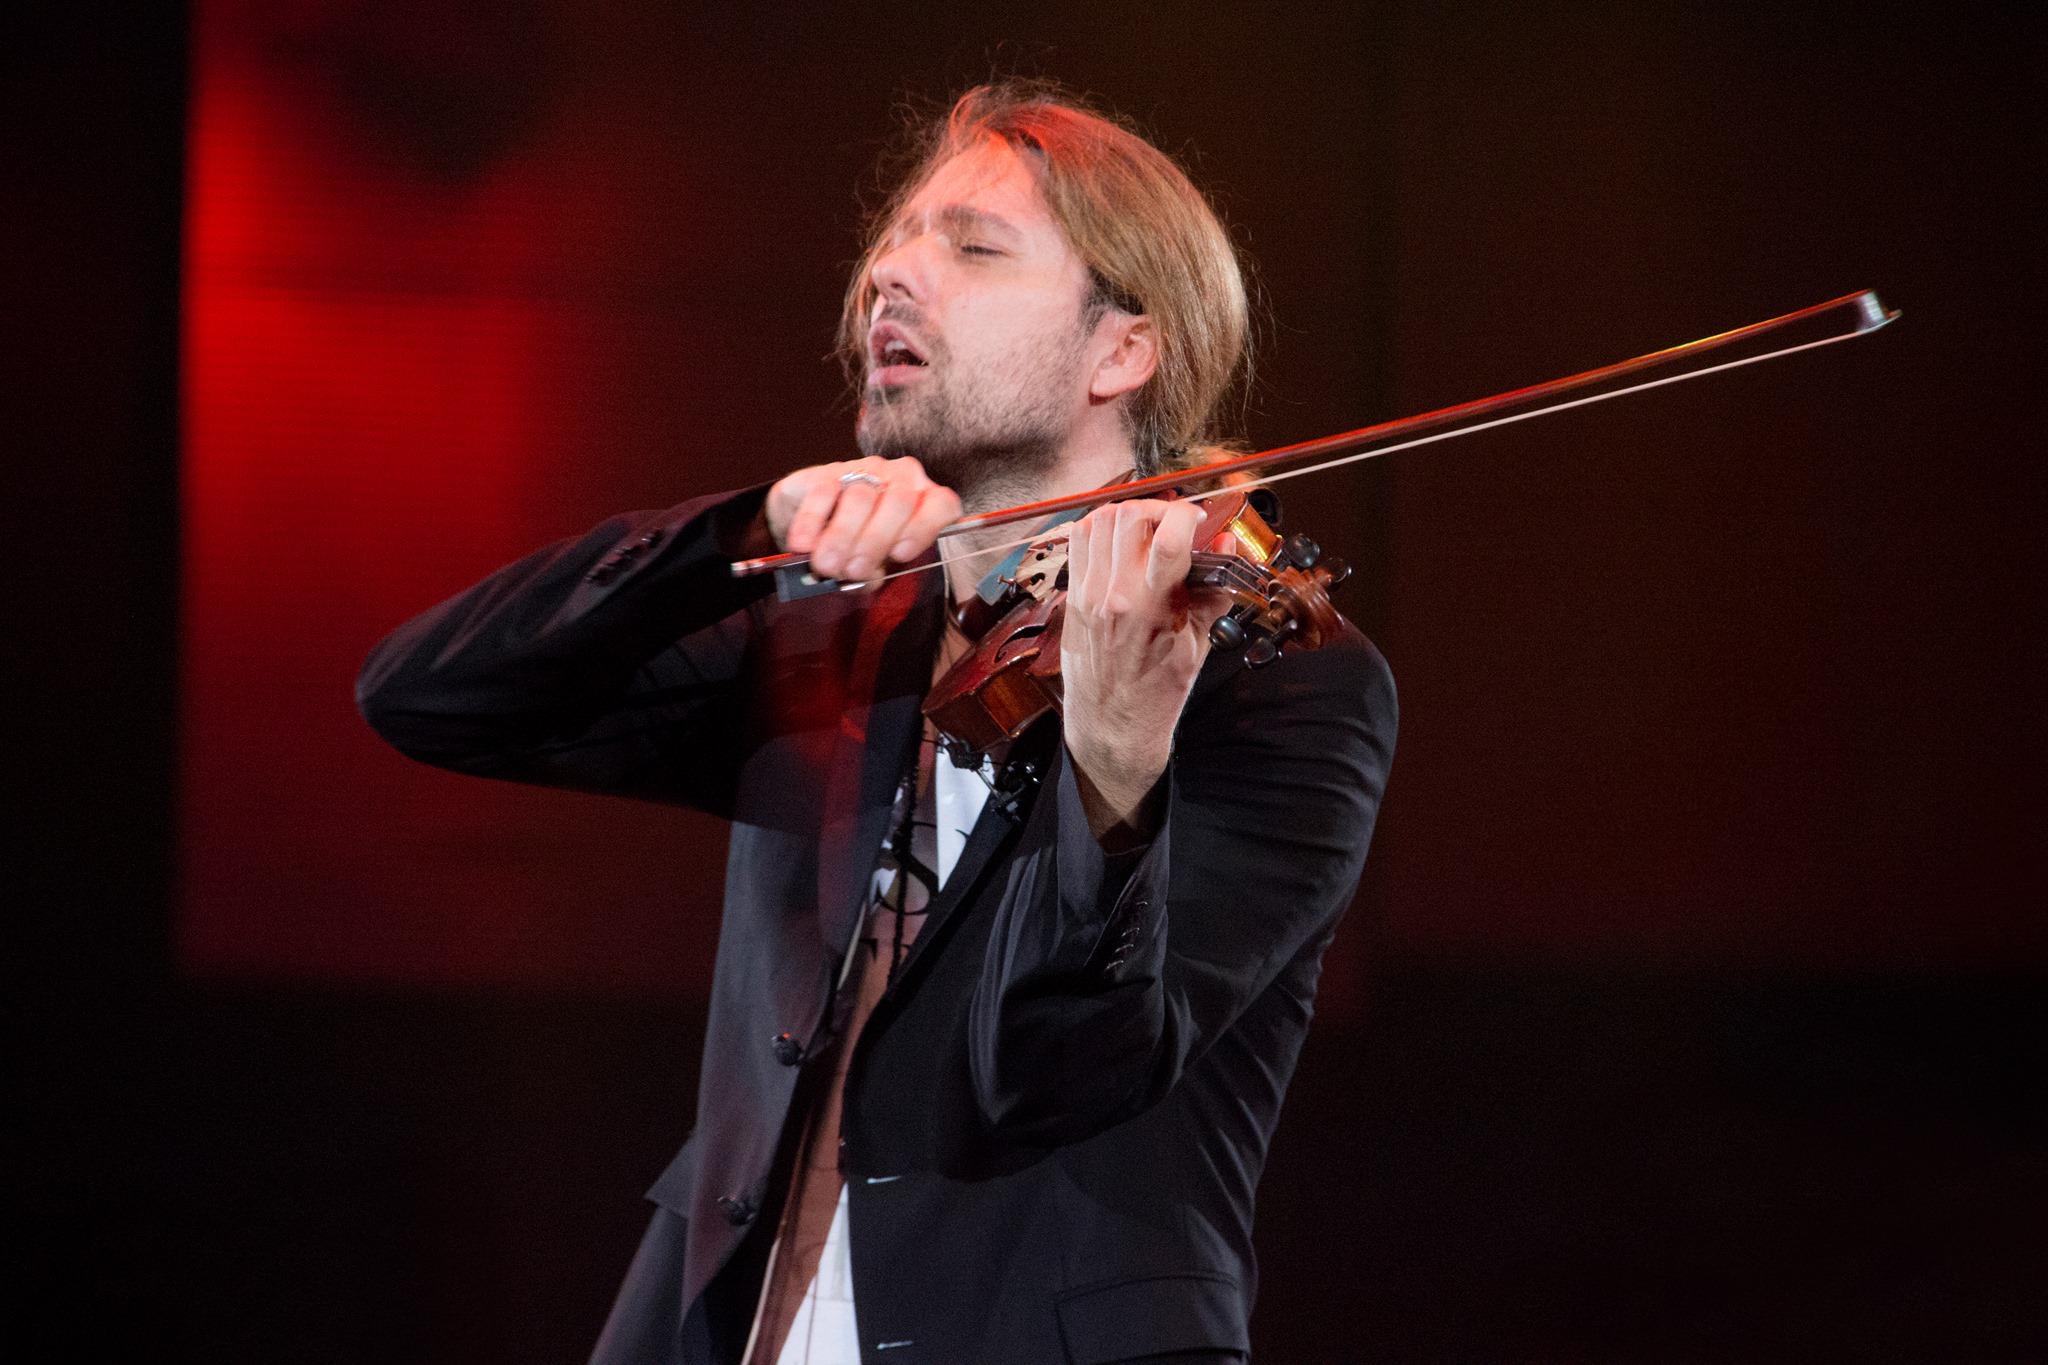 David-April2017-Vienna4